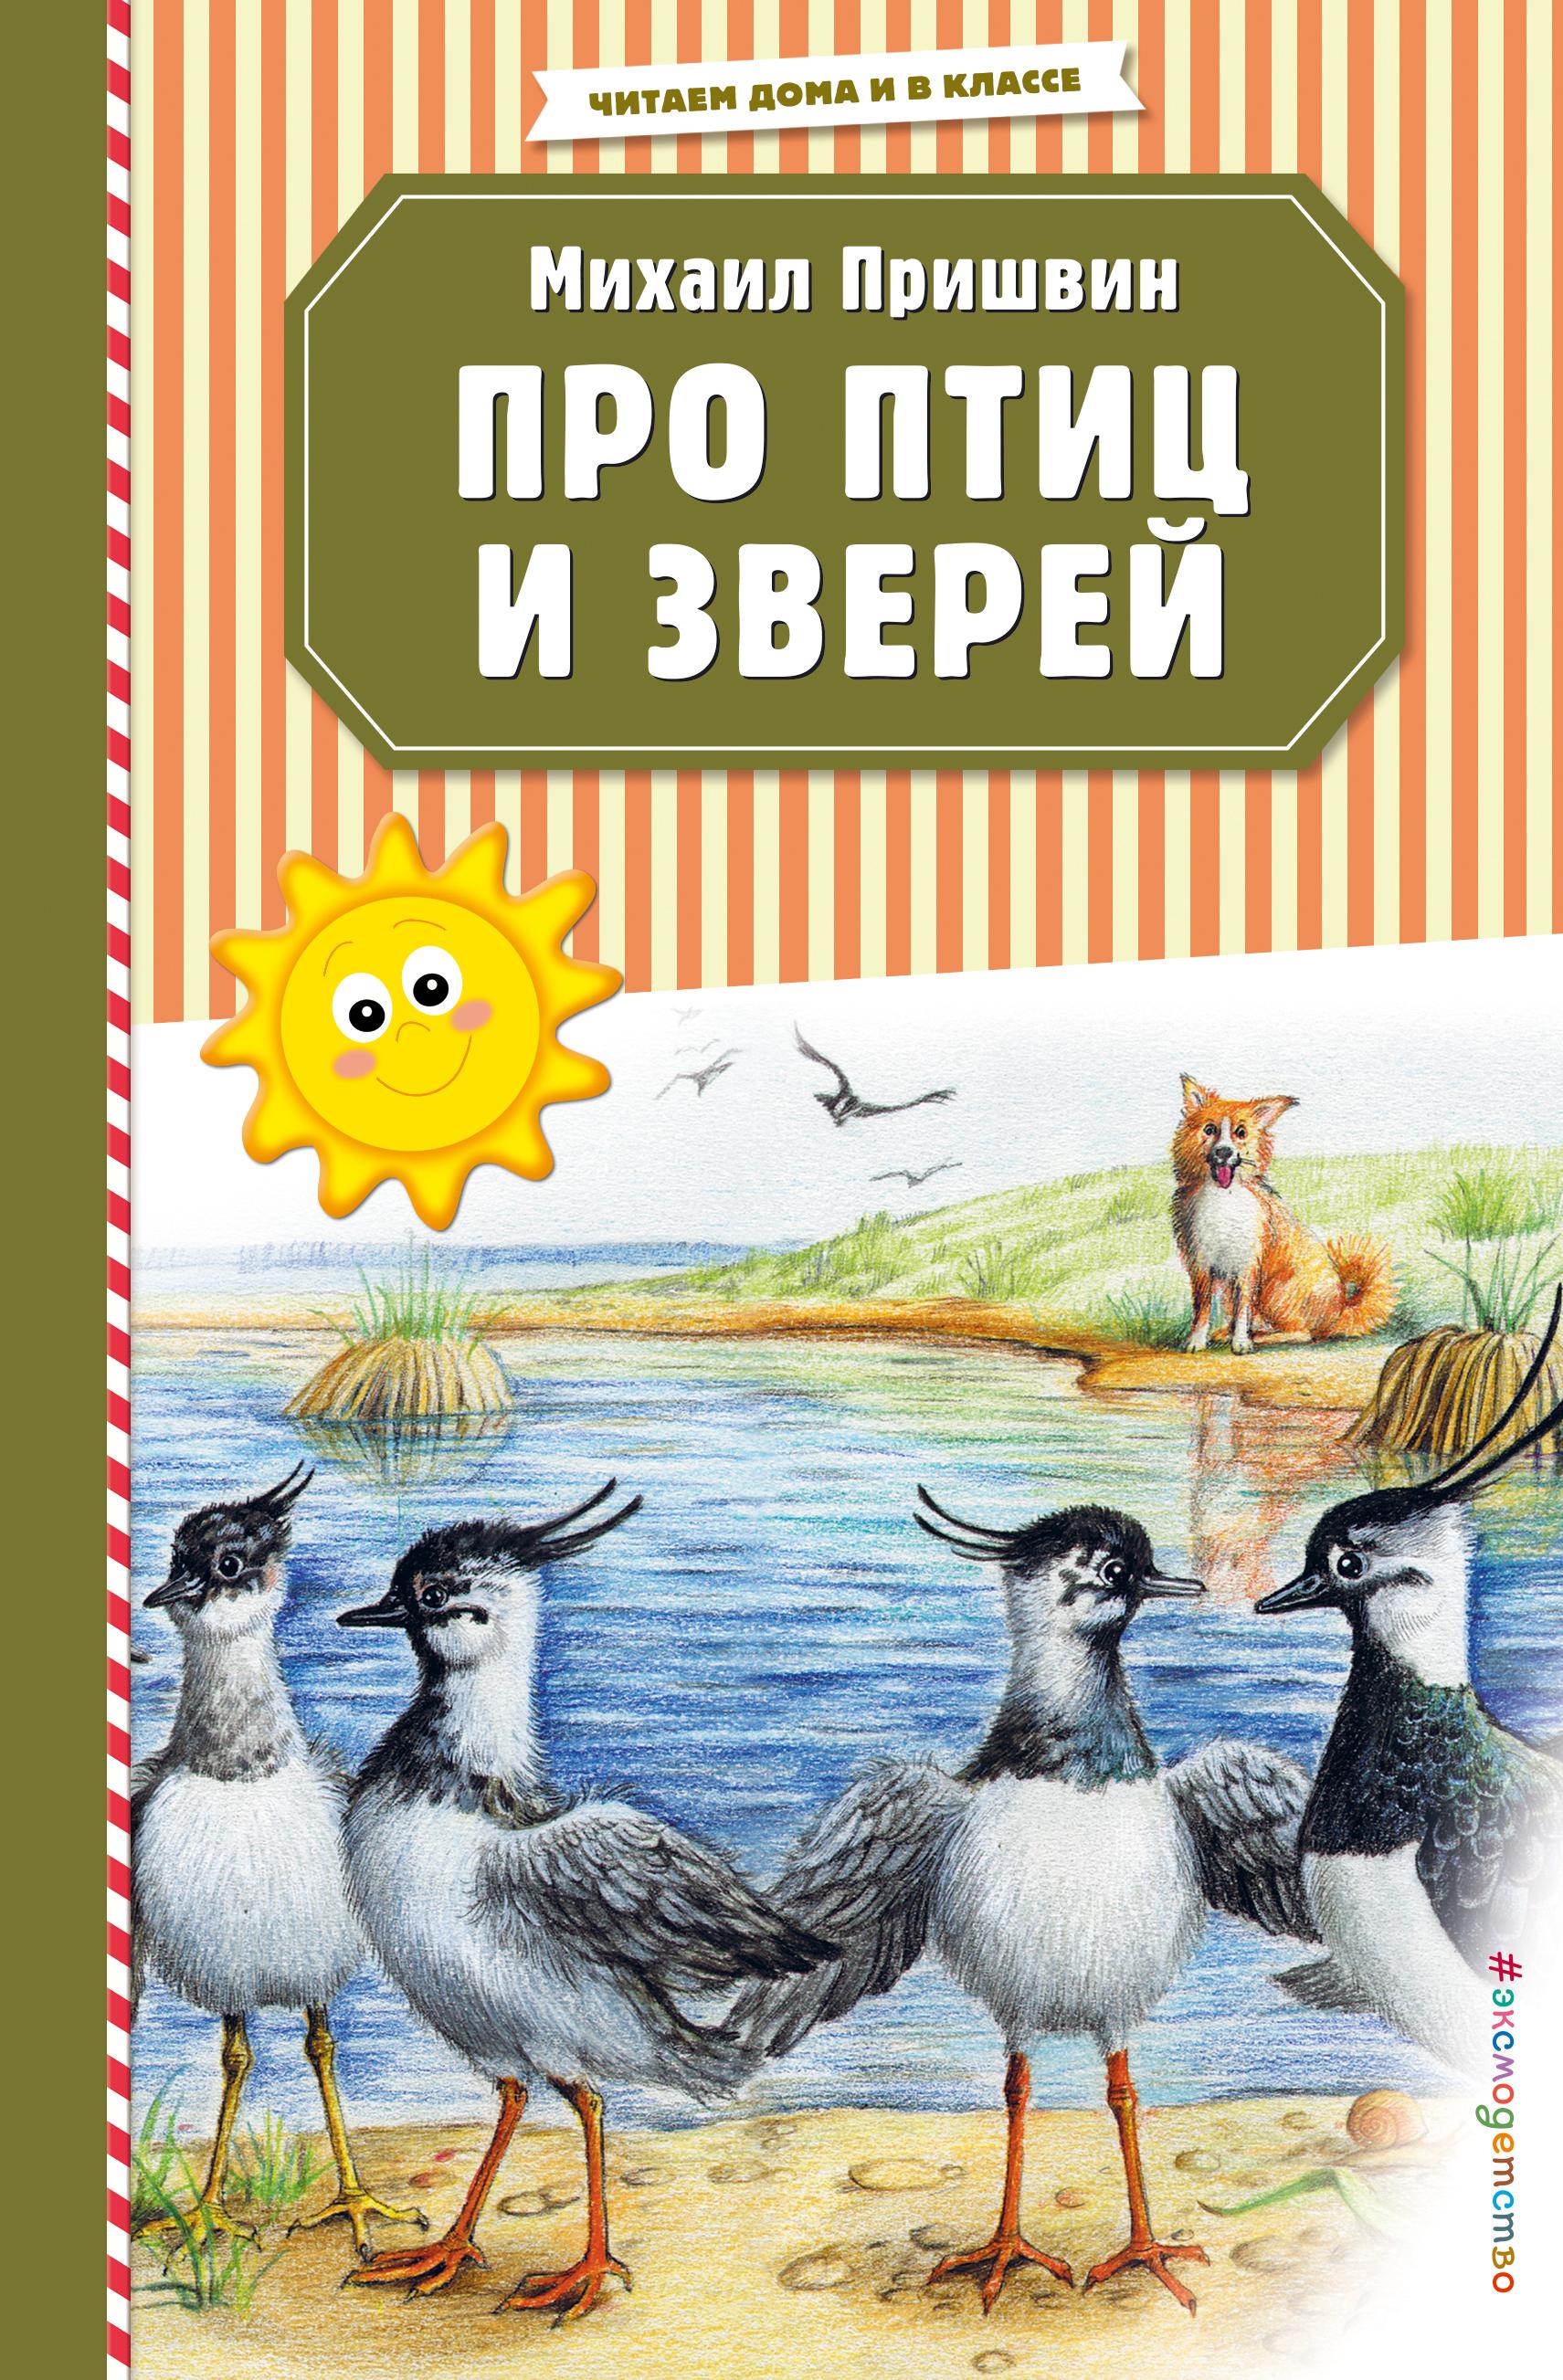 Михаил Пришвин Про птиц и зверей